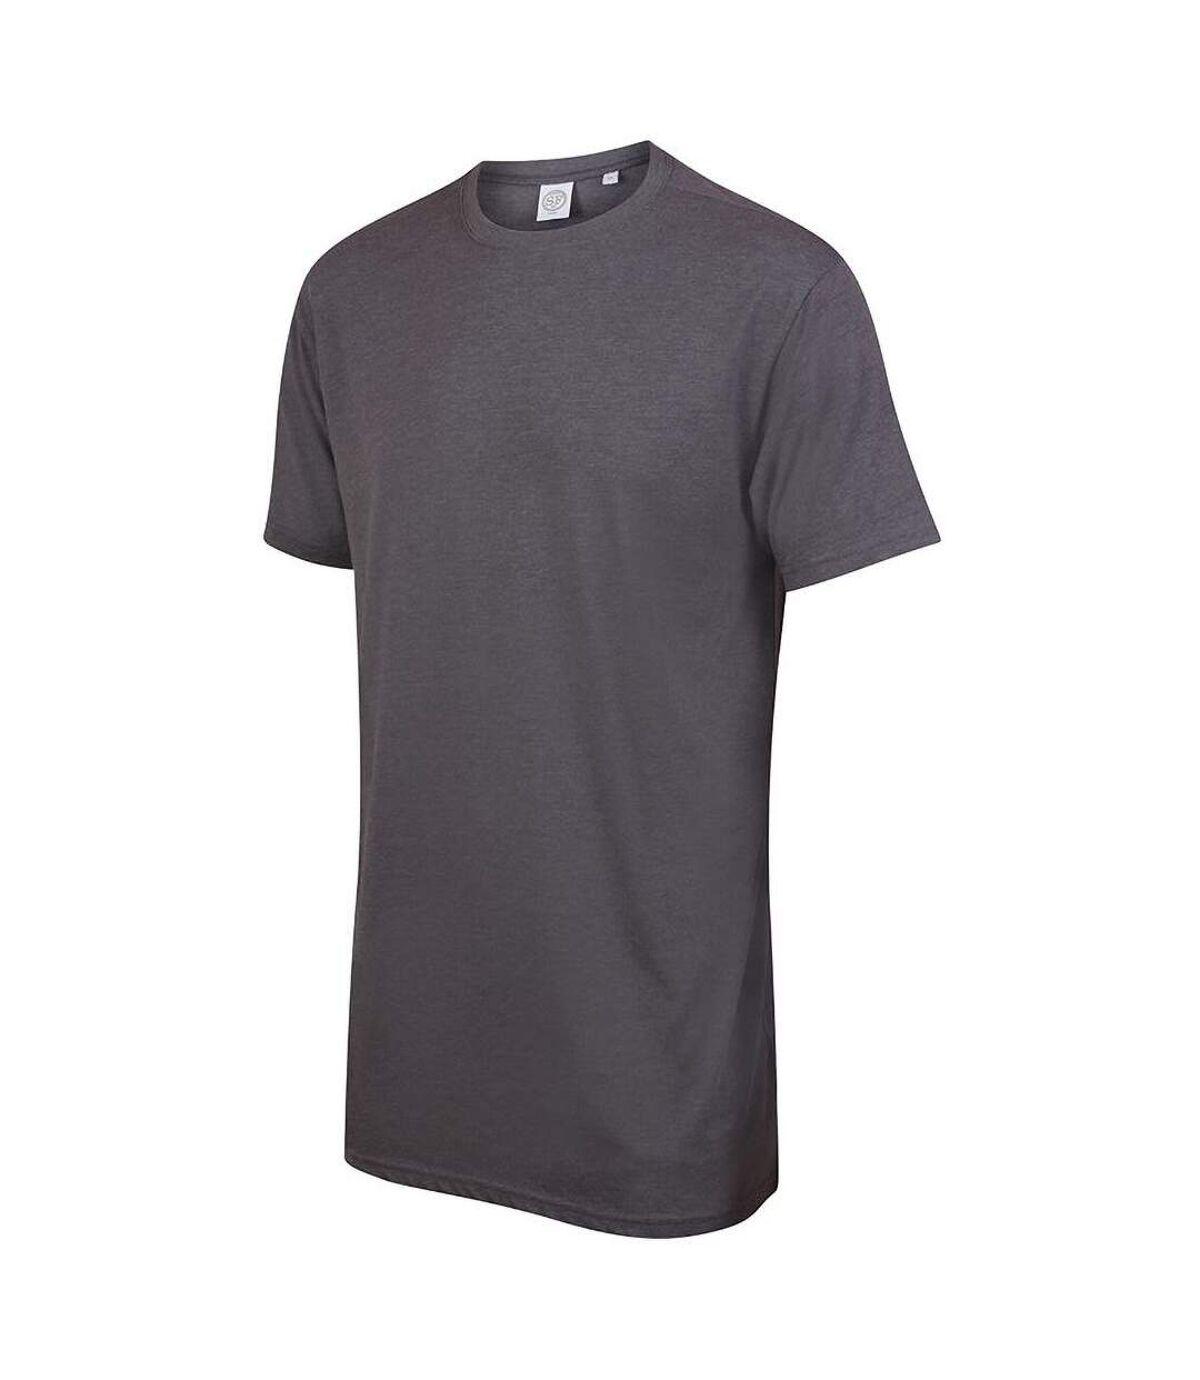 Skinnifit - T-shirt à manches courtes - Homme (Gris foncé chiné) - UTRW5293